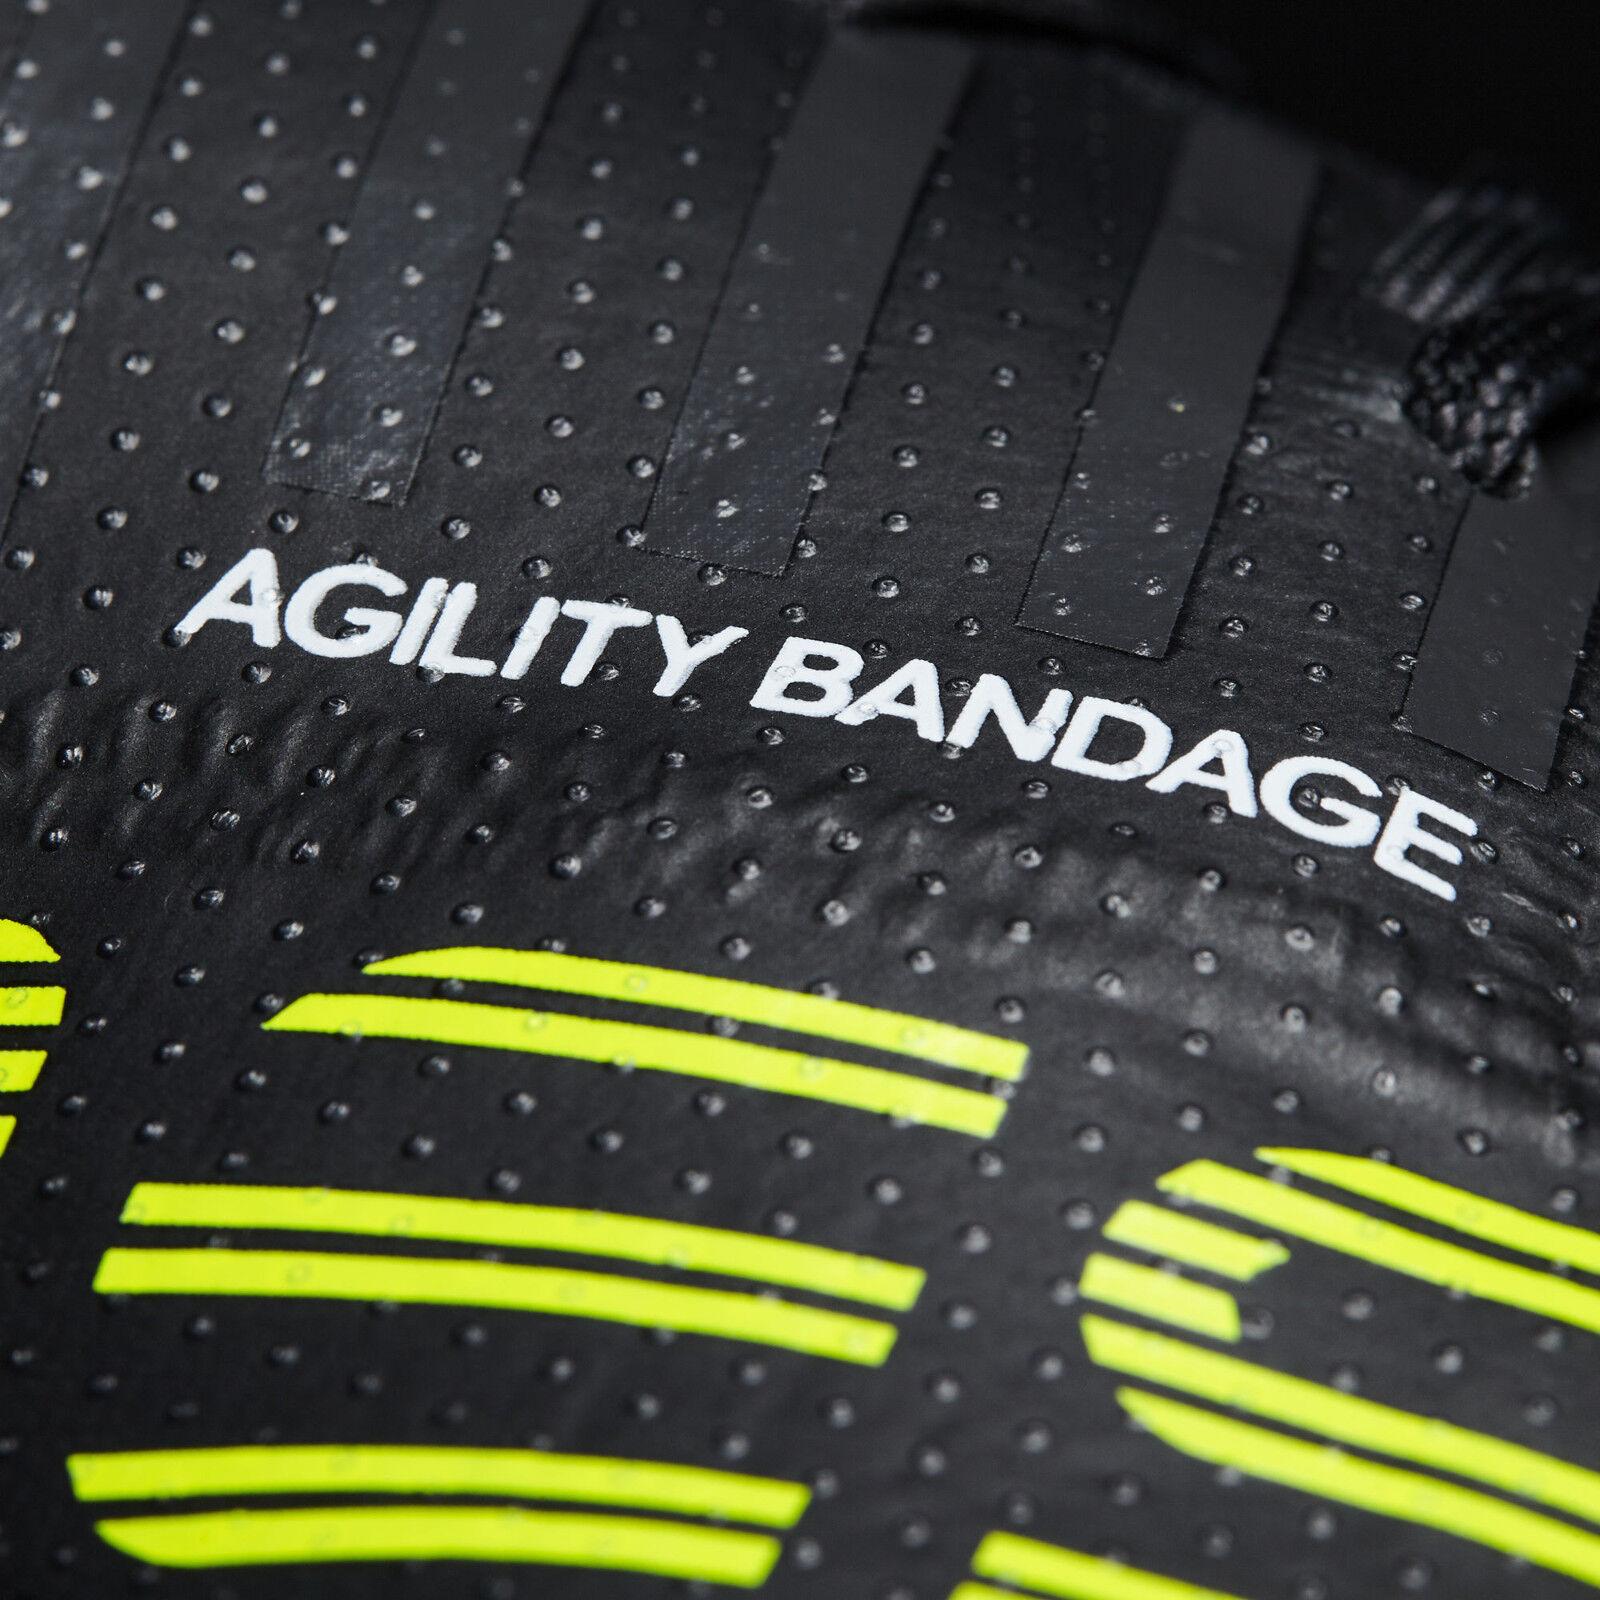 Nib - fg adidas nemeziz messi 17,1 fg - fußball fußball agilität schuh schuh - mens größe 10. 944b44